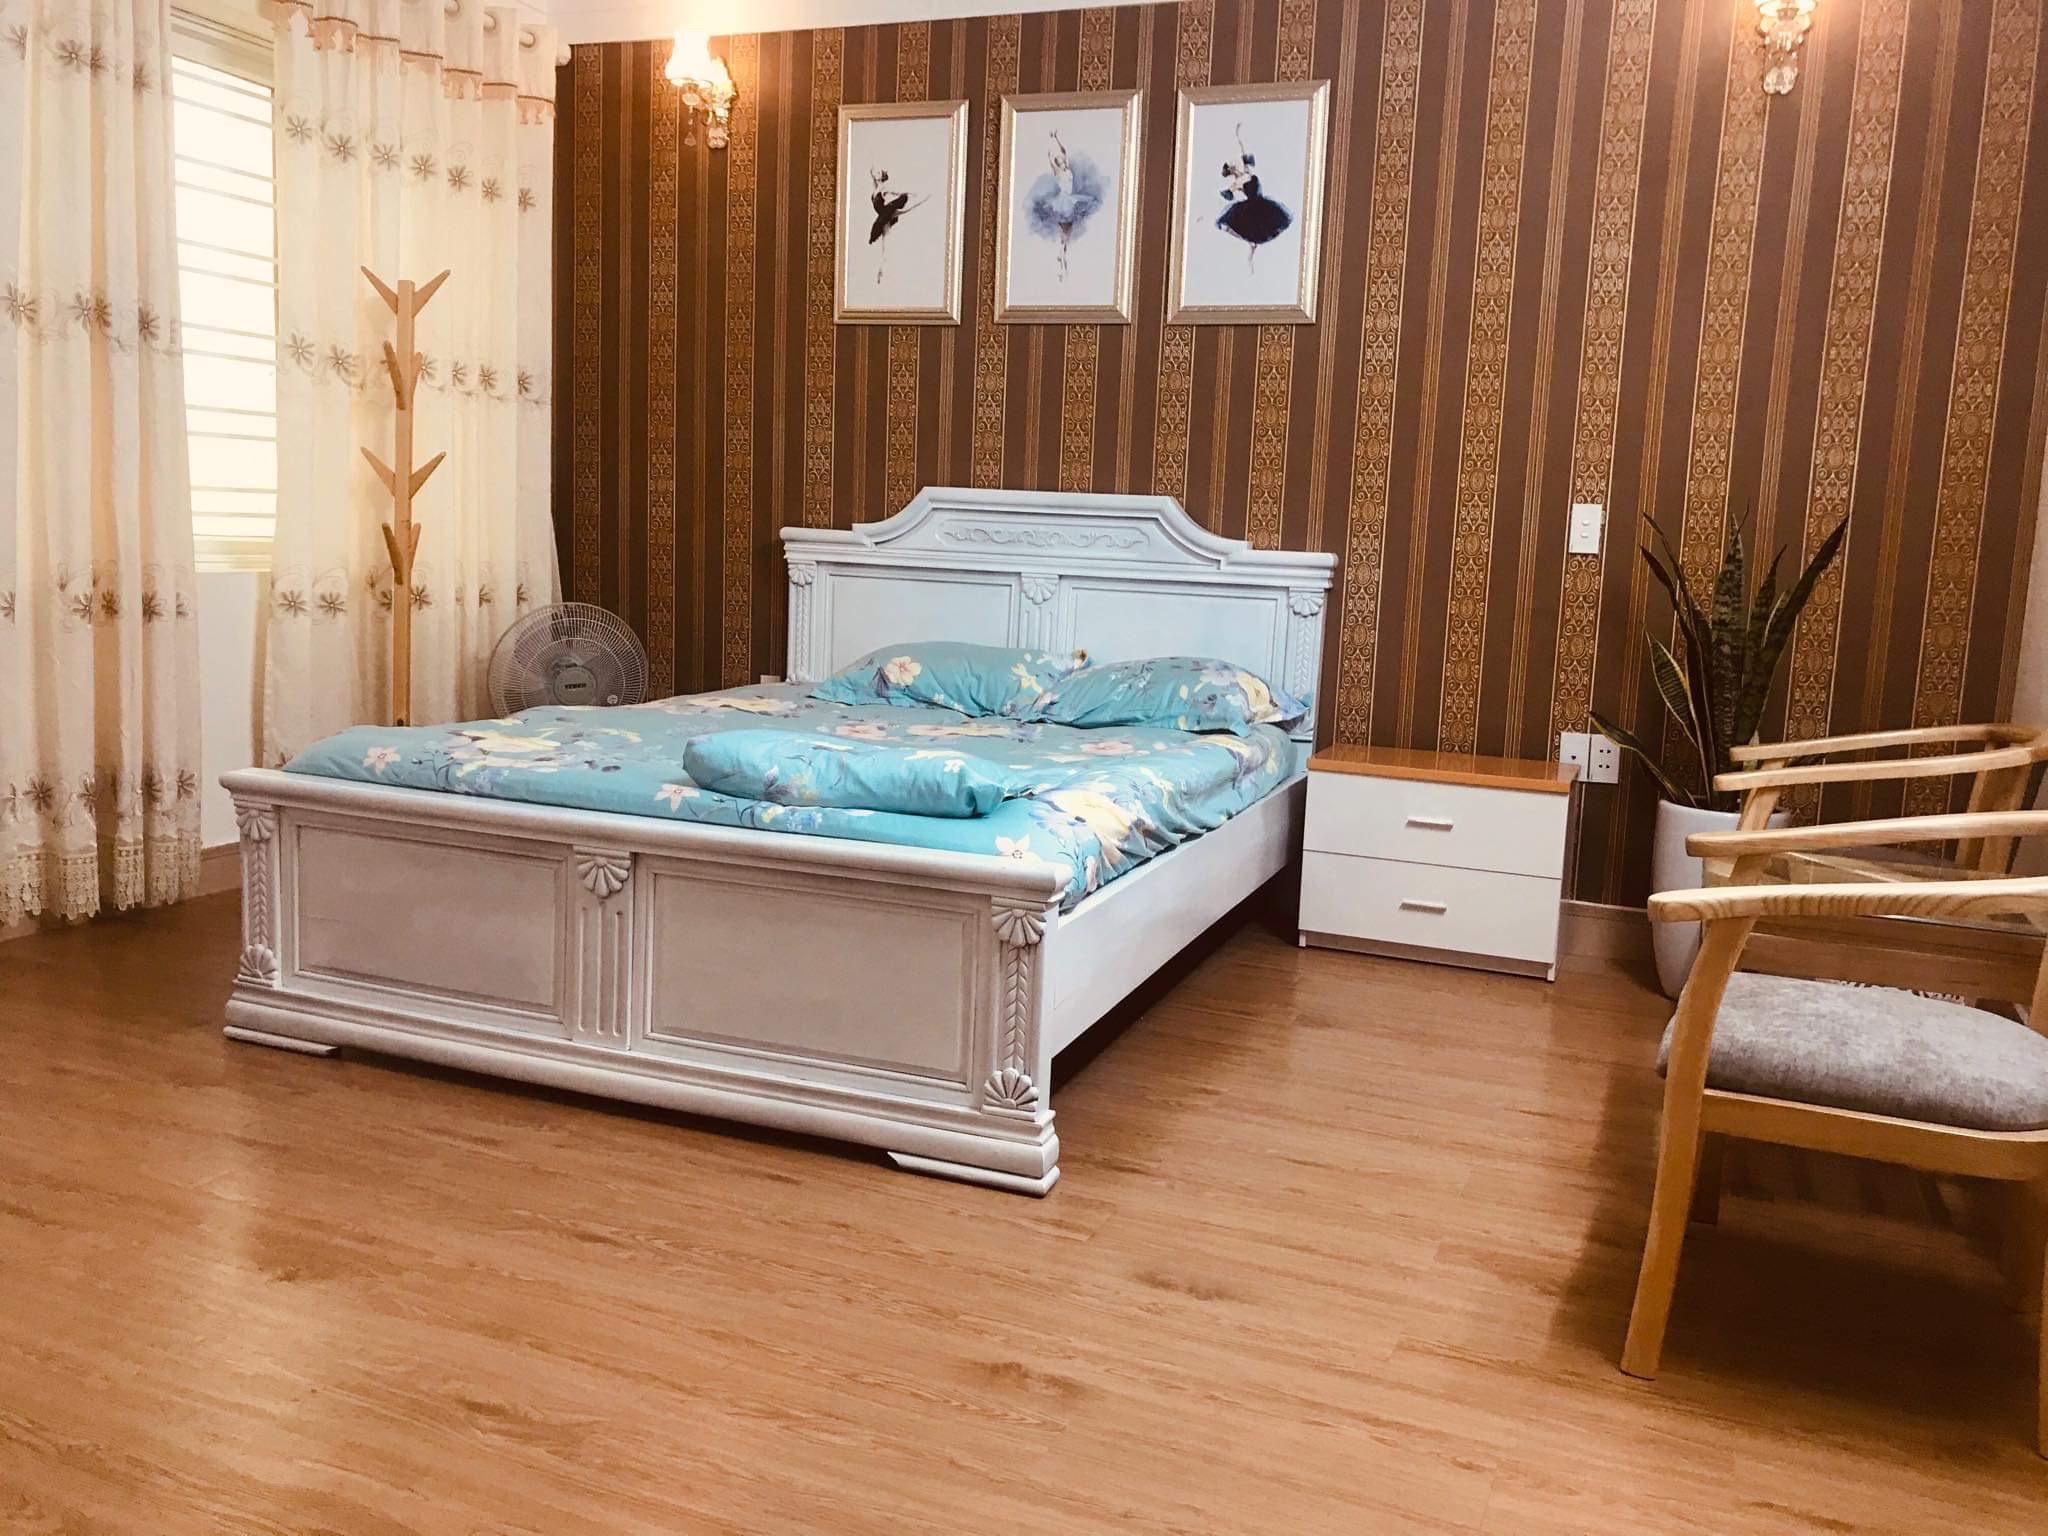 Vancao Green Homestay   Deluxe Room With Queen Bed